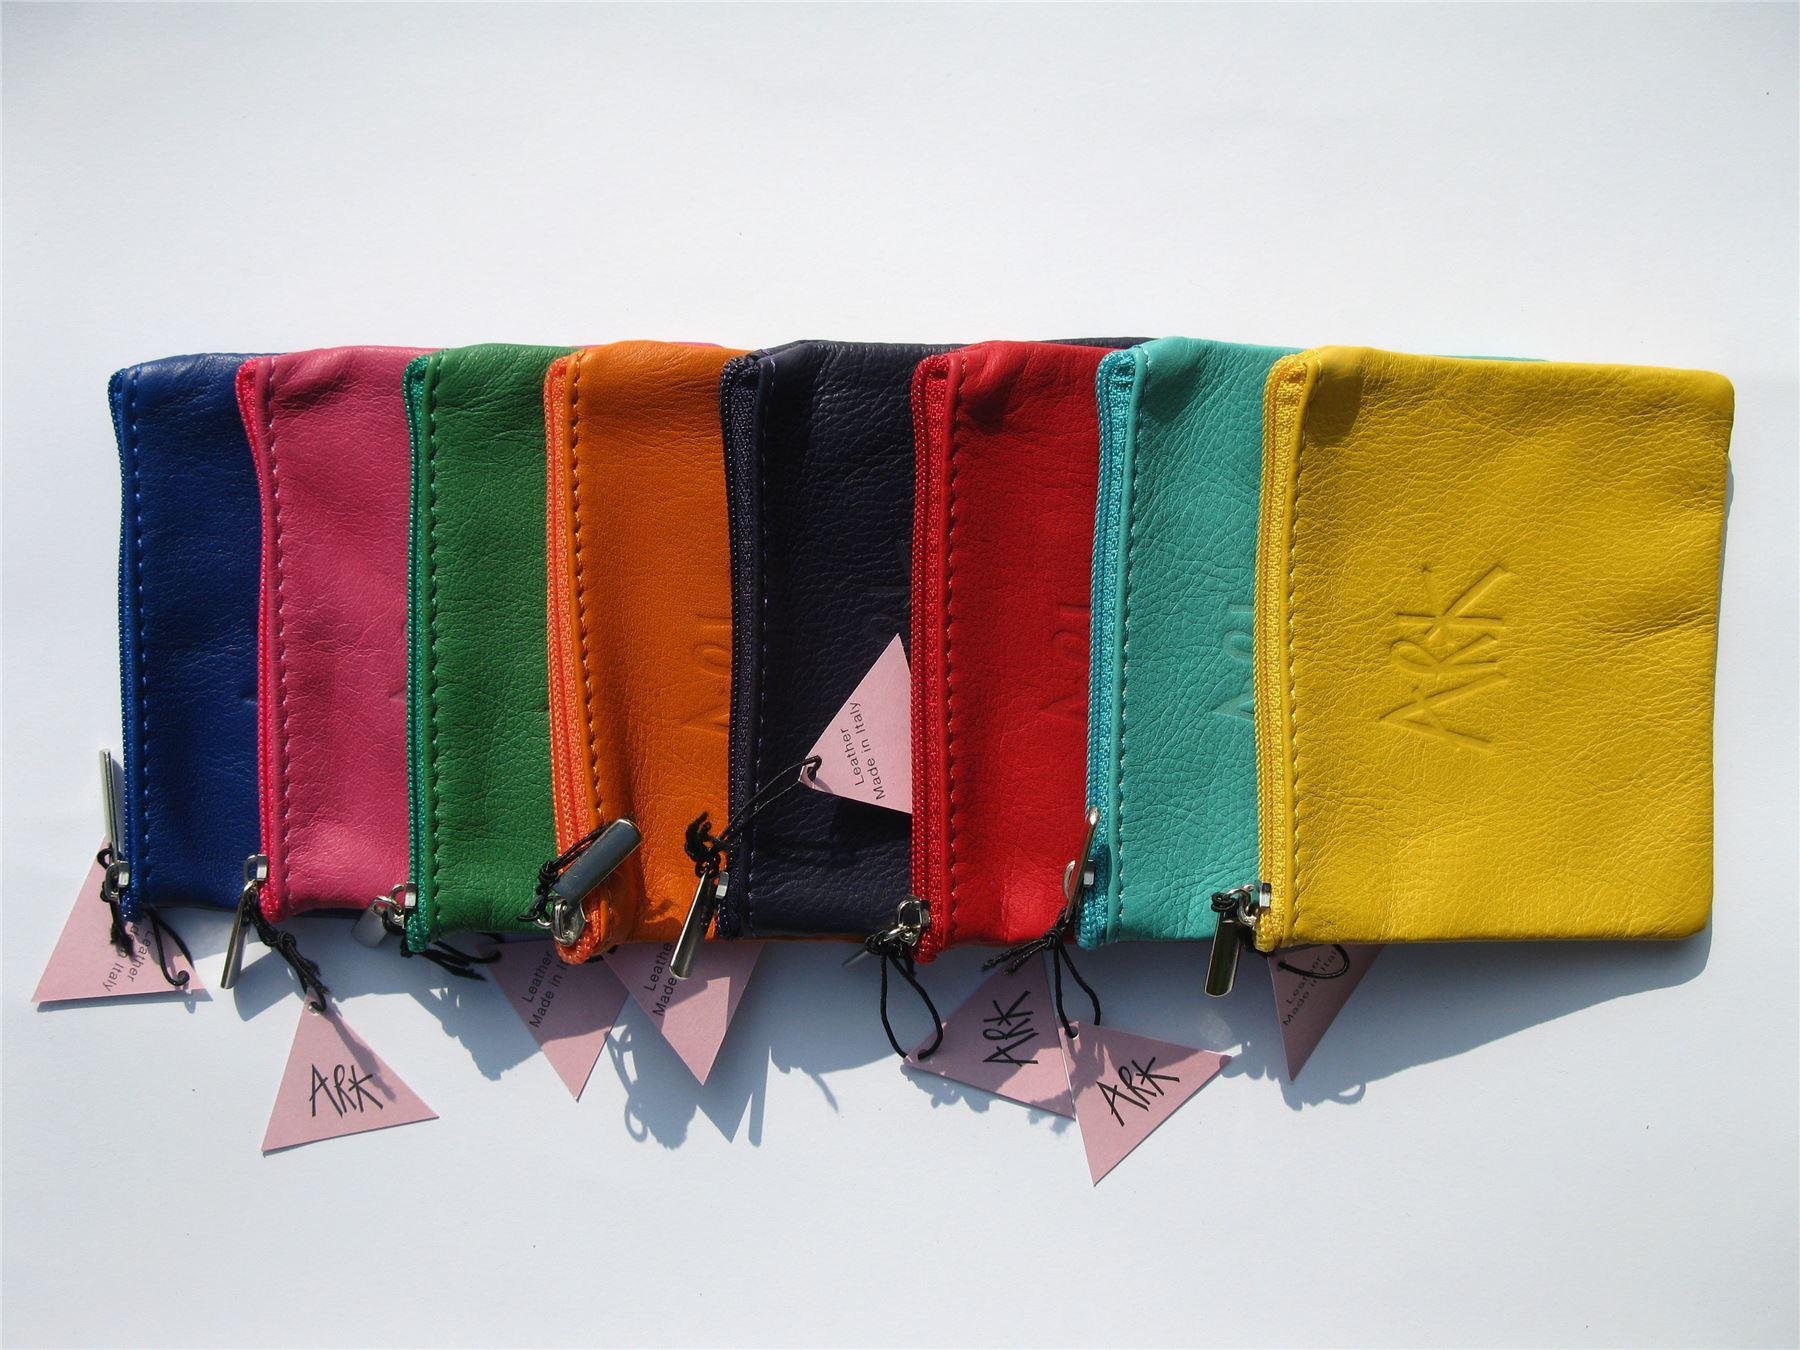 12.5x10cms Petit porte-monnaie-cuir souple pochette par ark disponible en 8 couleurs